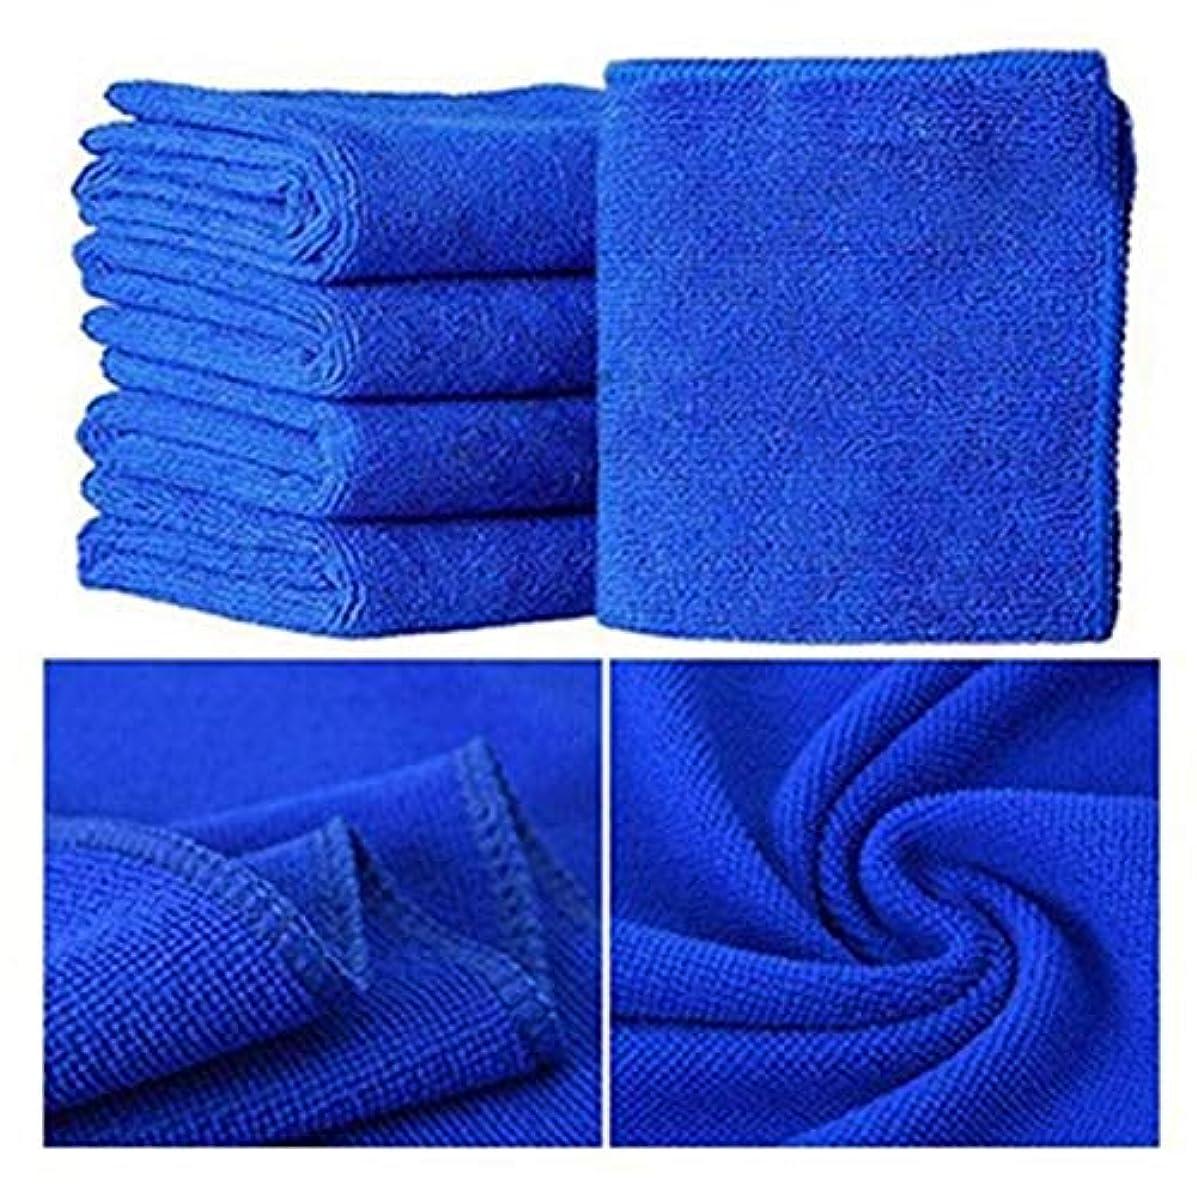 お別れ殺します偽造Maxcrestas - 25*25cm 5 Pcs/ 10 Pcs Small Towel Soft Microfiber Towel great absorbent Towel for bathroom kitchen washing face skin body use [ Blue ]